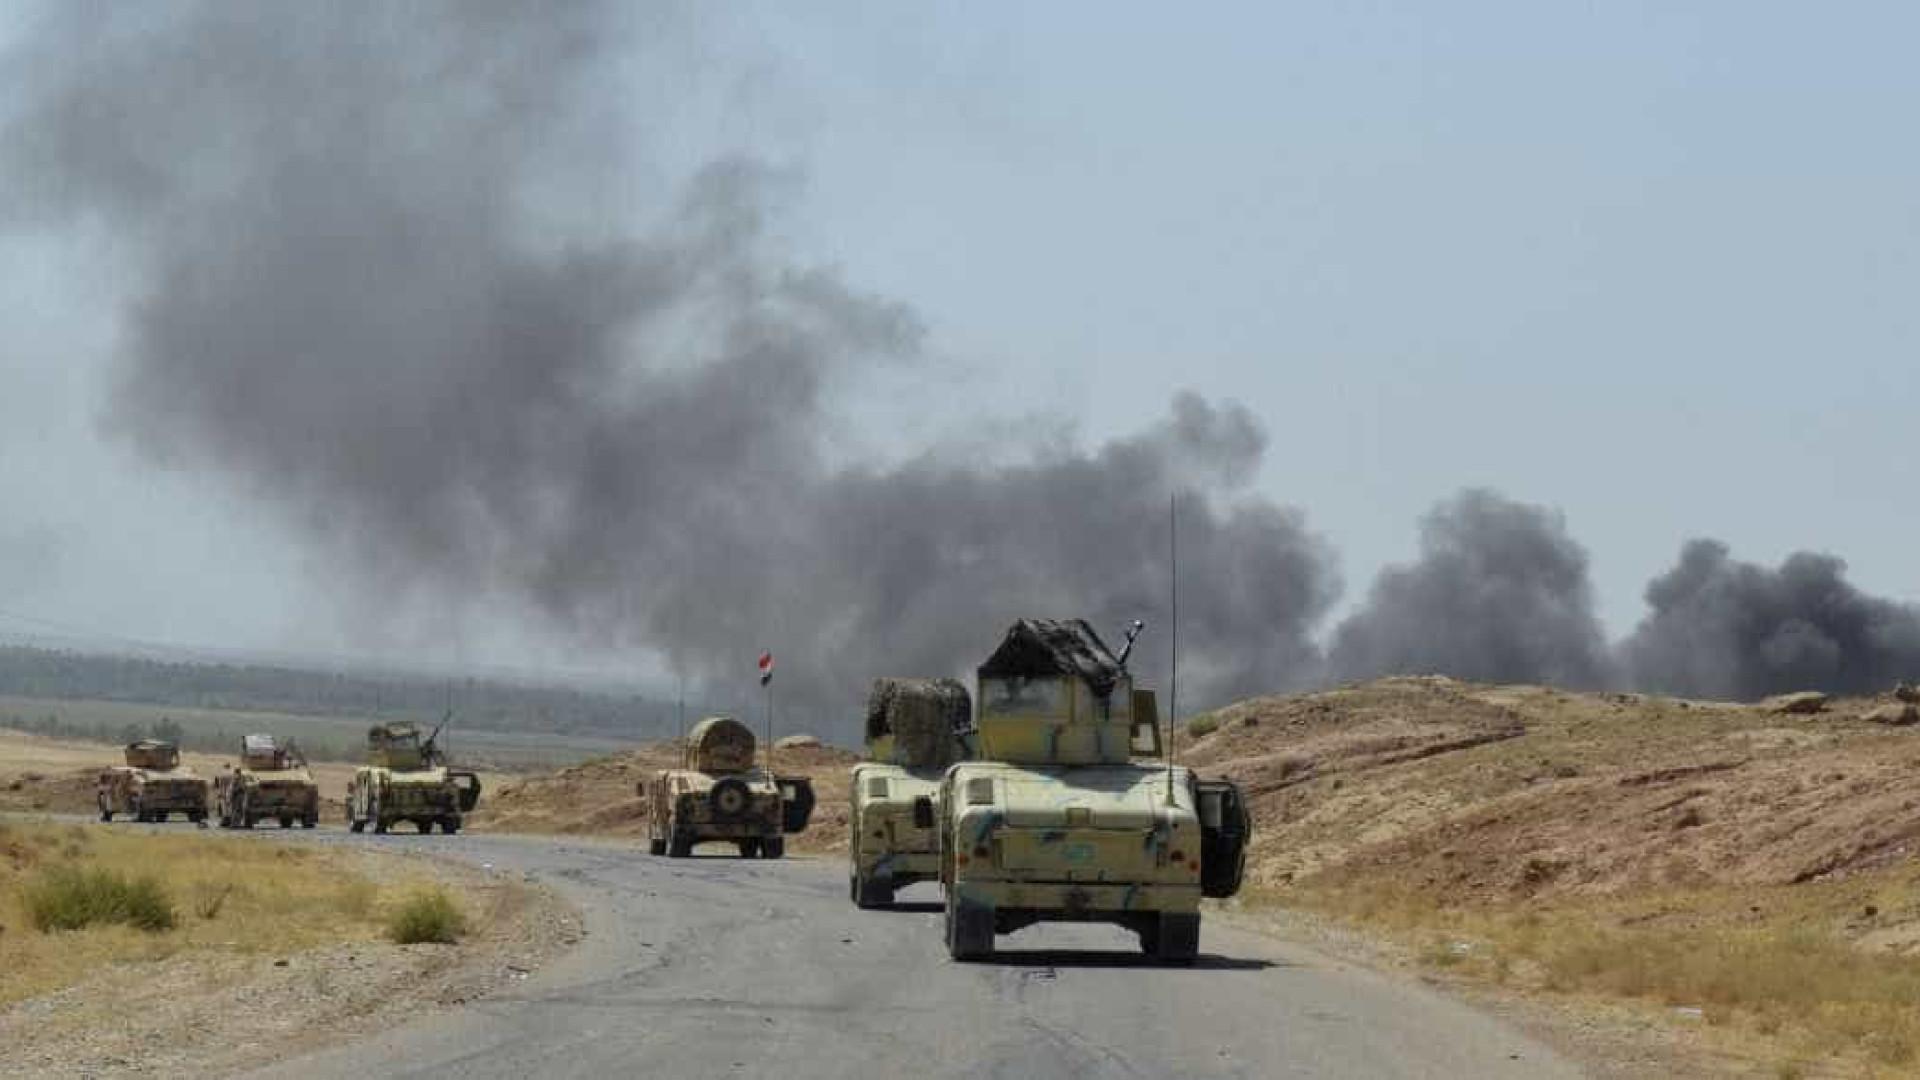 Forças do Iraque assumem controle de áreas curdas na província de Nínive